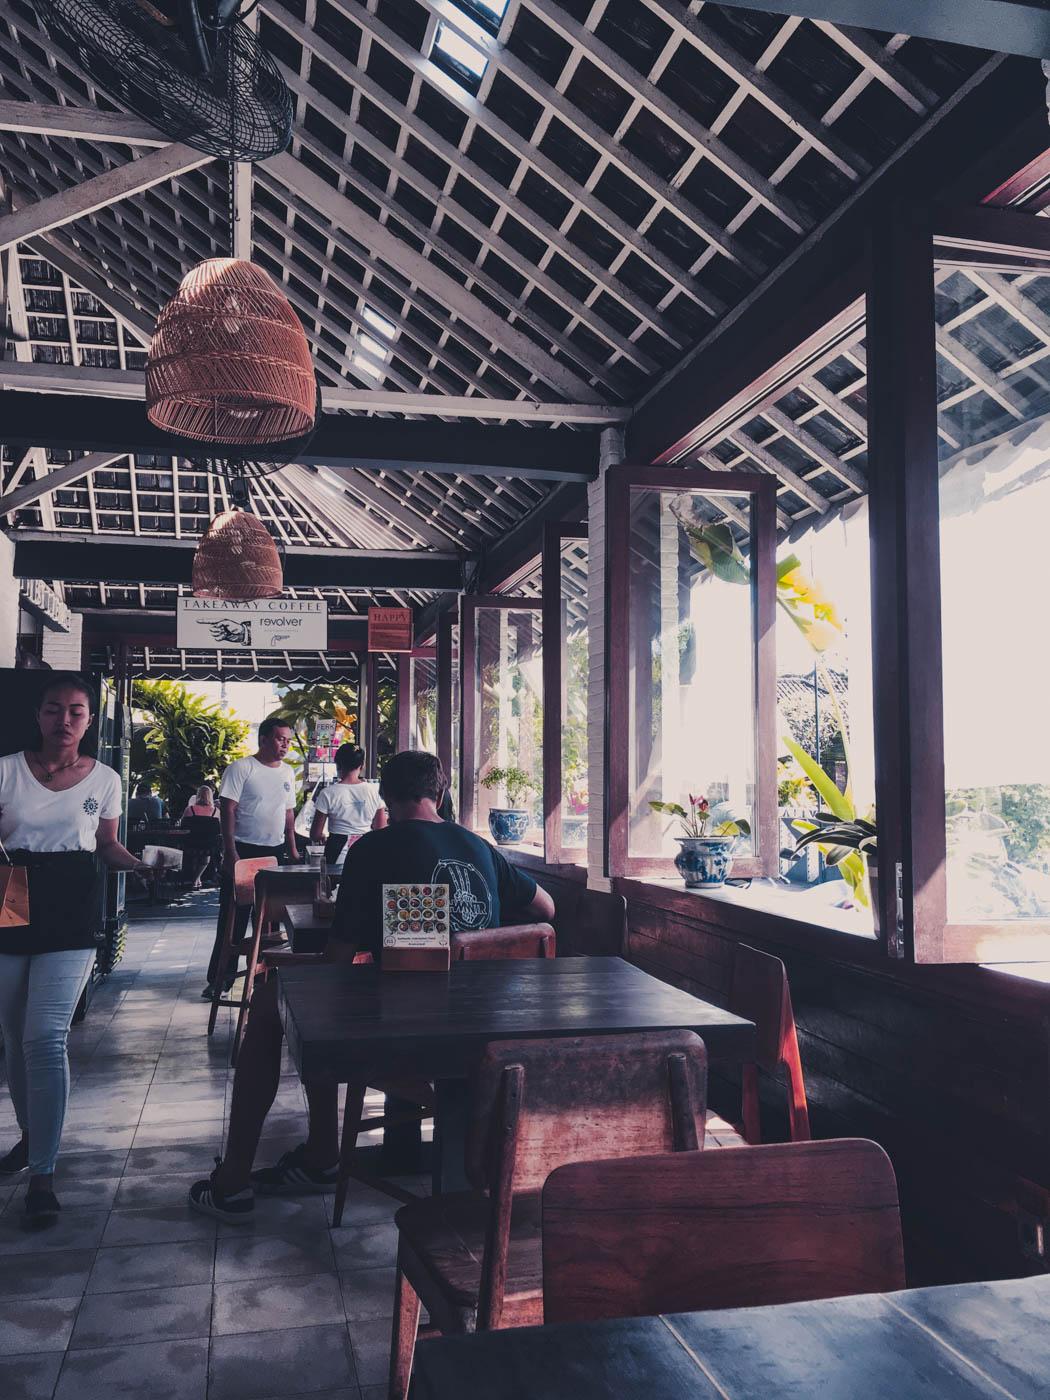 Watercress Canggu - Bali Itinerary #traveldestinations #bali #beautifulplaces